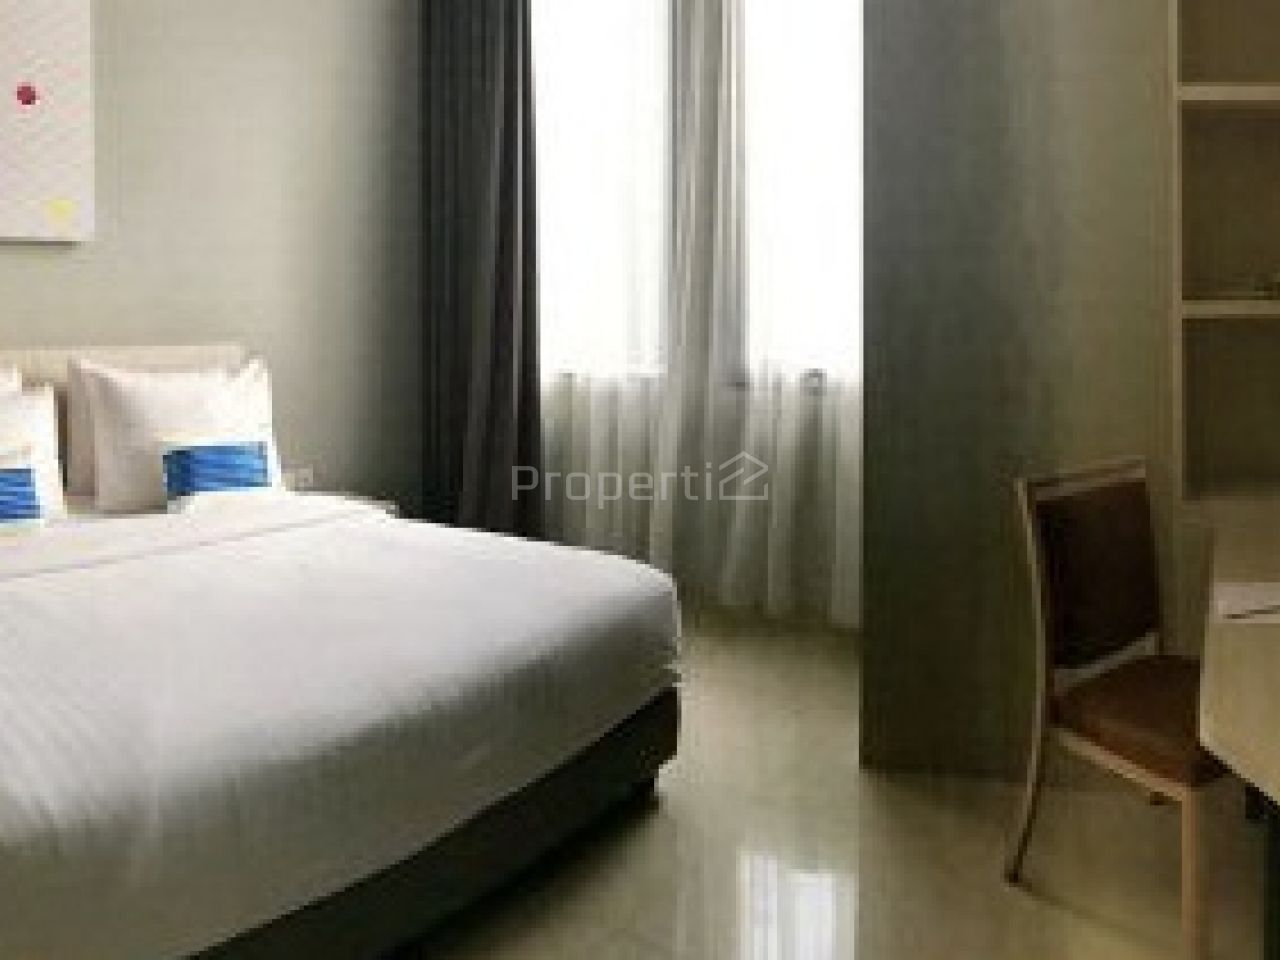 Hotel Bintang 3 di CBD Jababeka, Cikarang Selatan